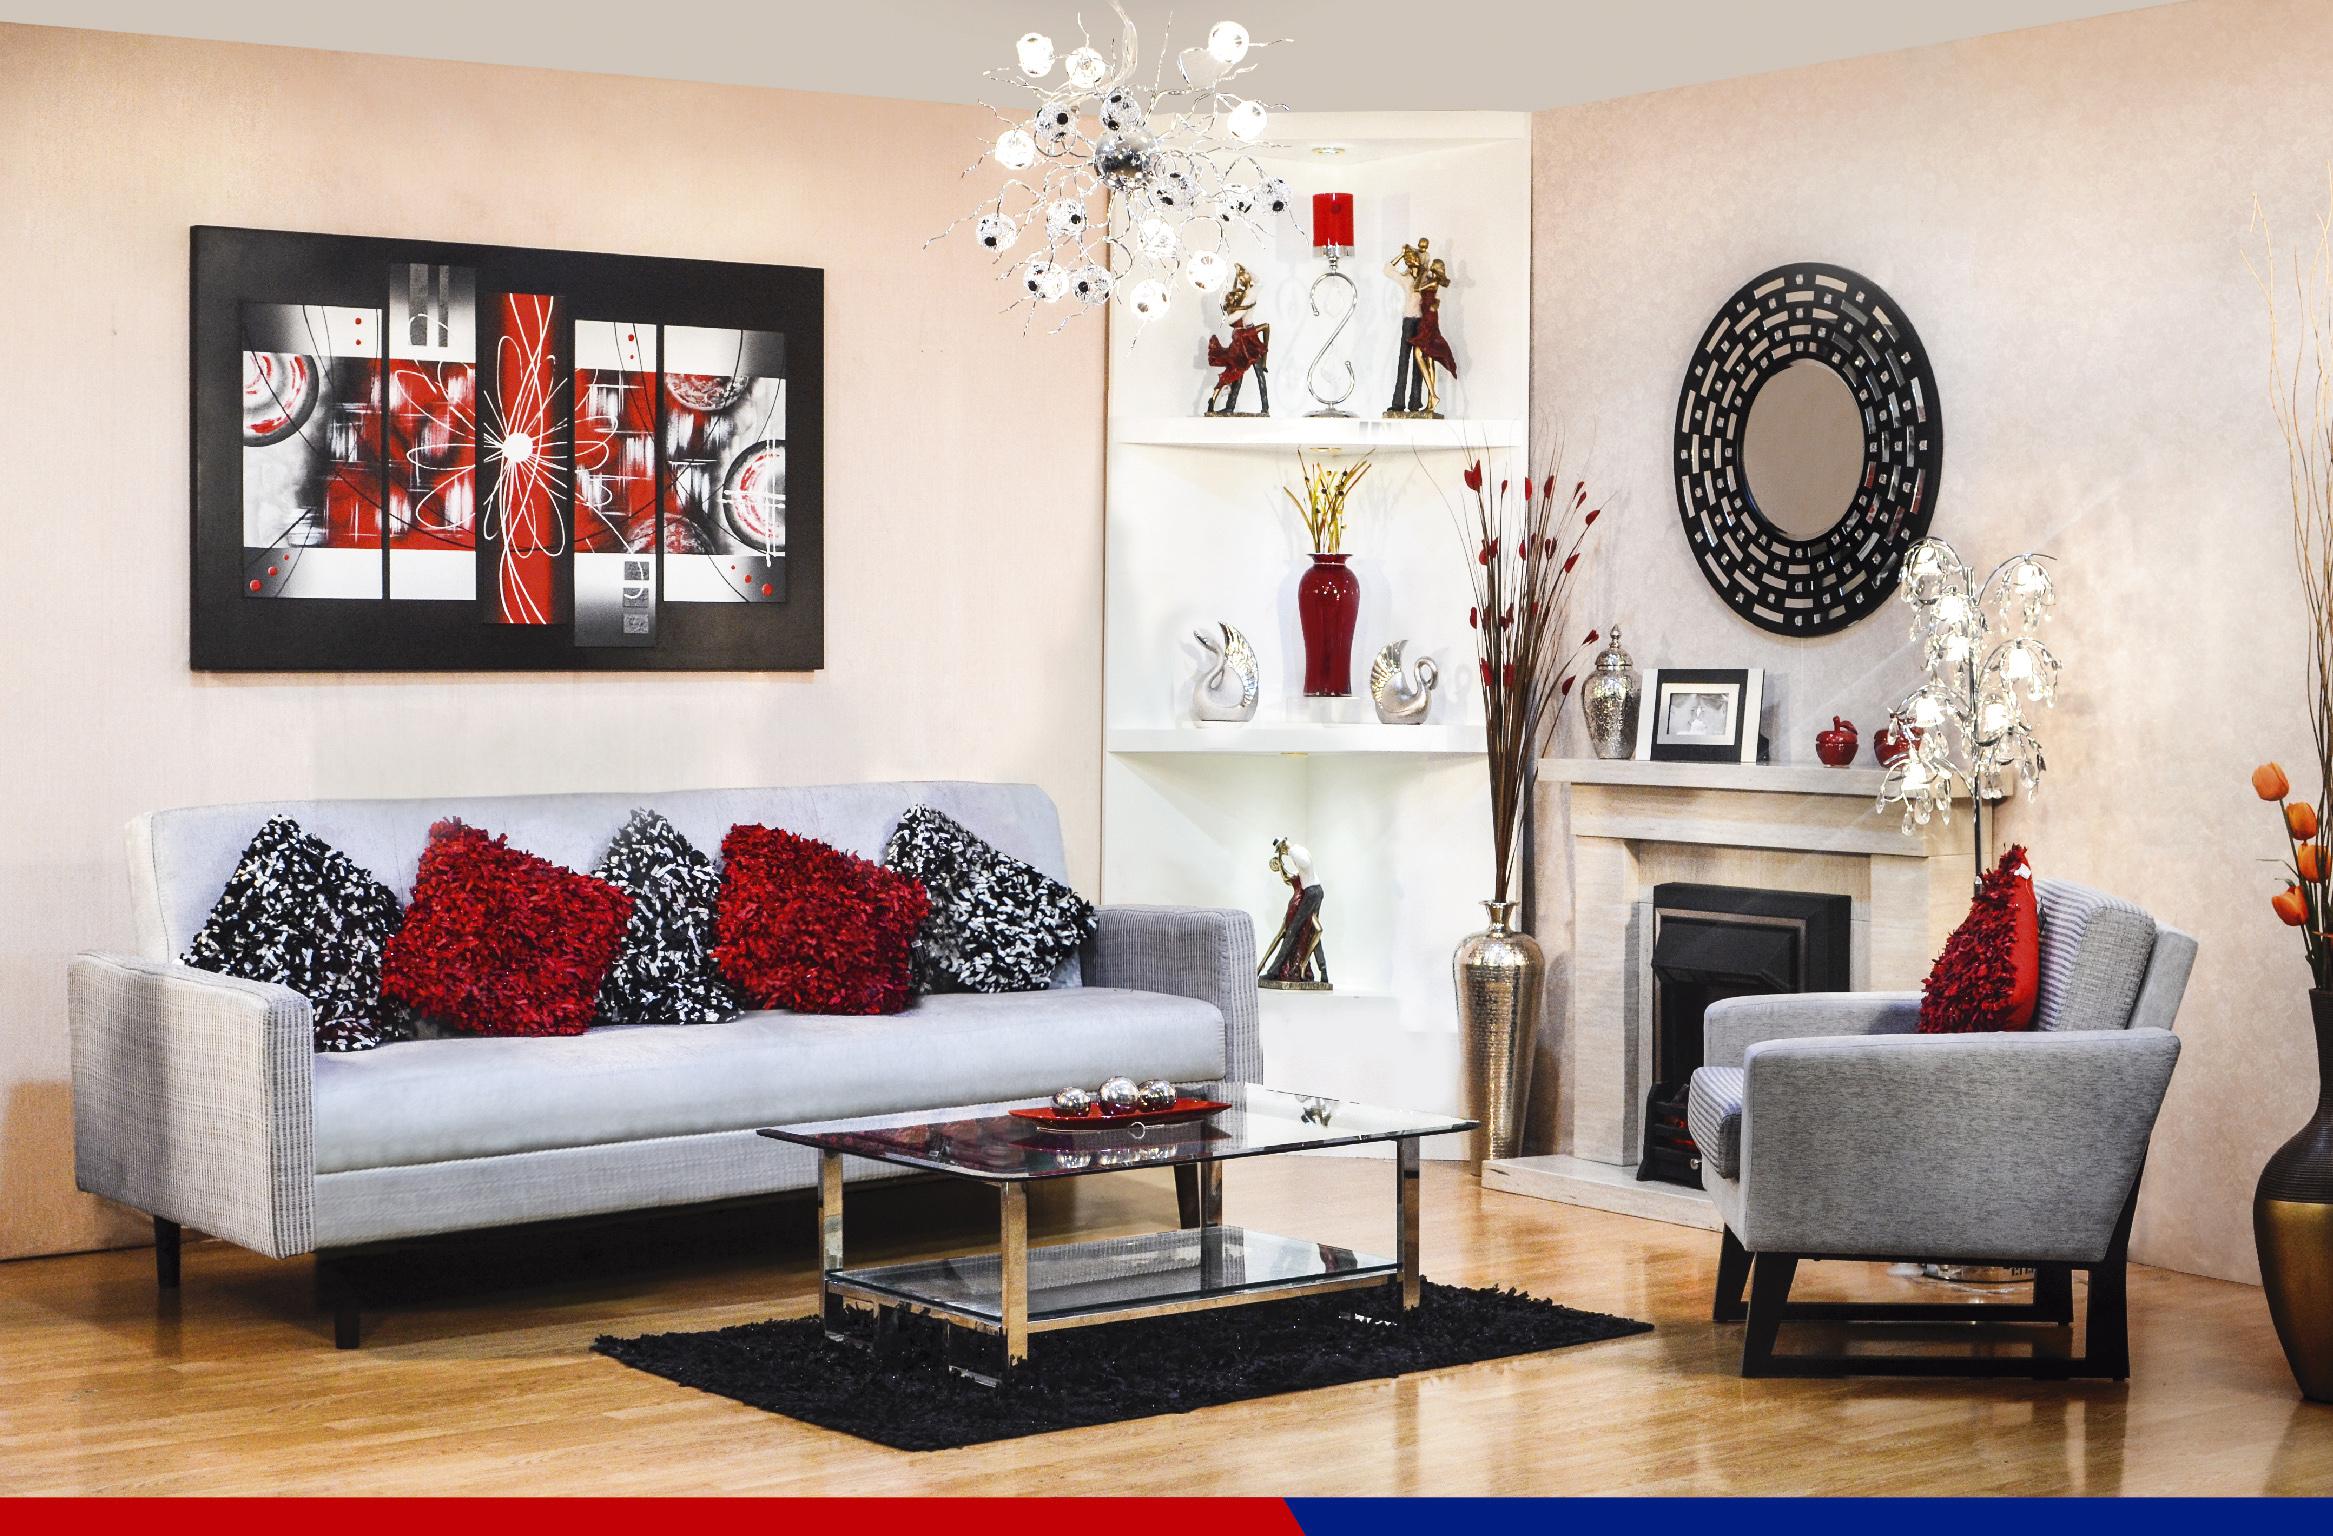 Tiendas de decoracion en lima for Decoracion hogar lima